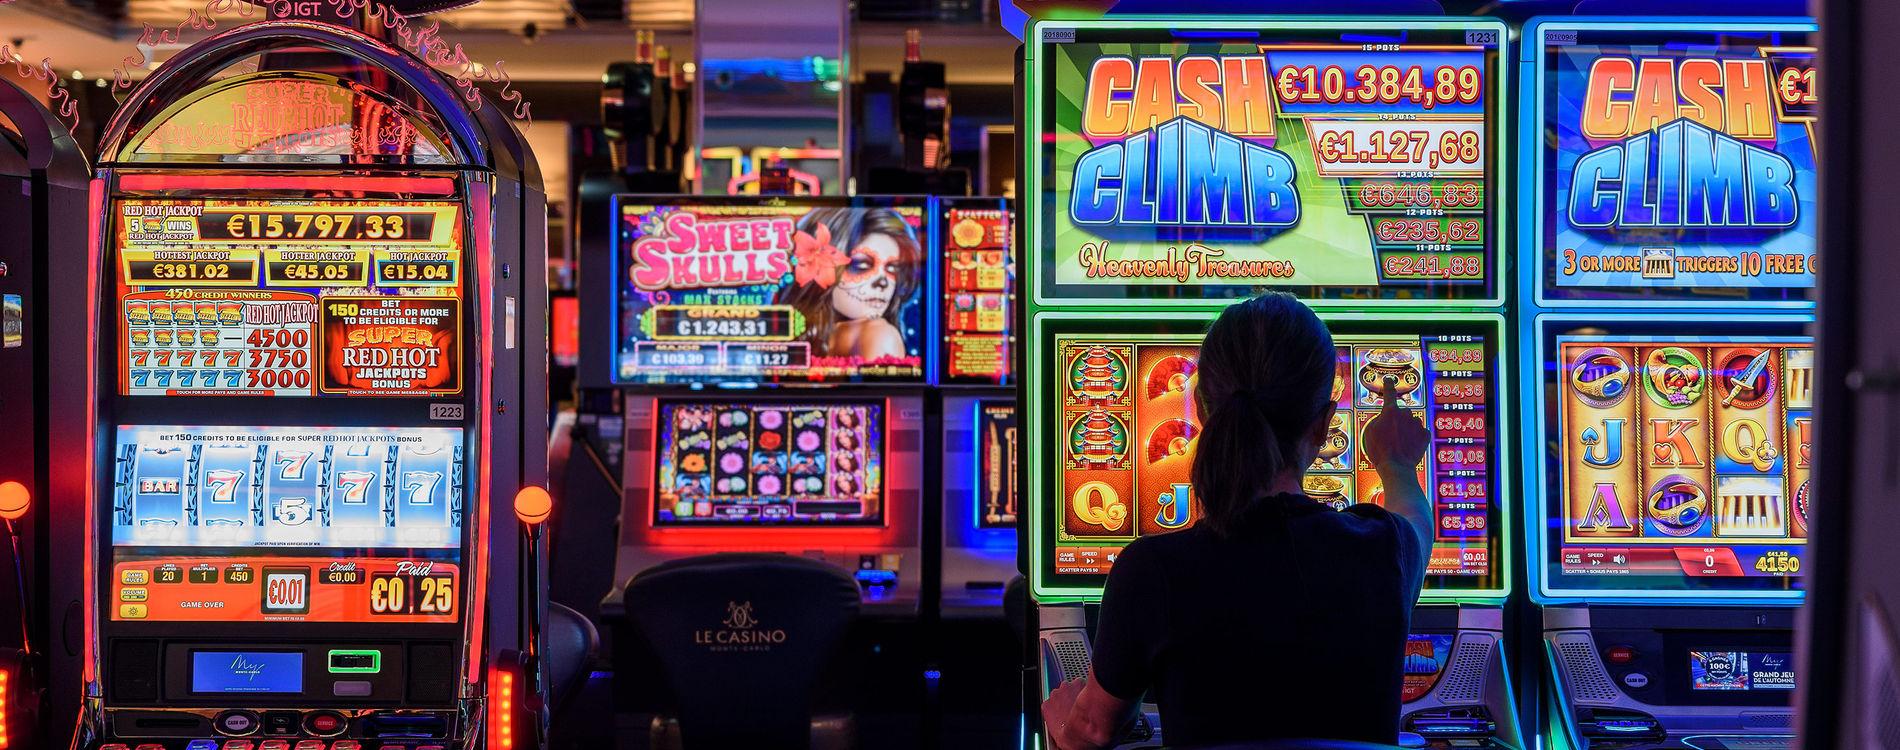 CCP Casino SBM 2019